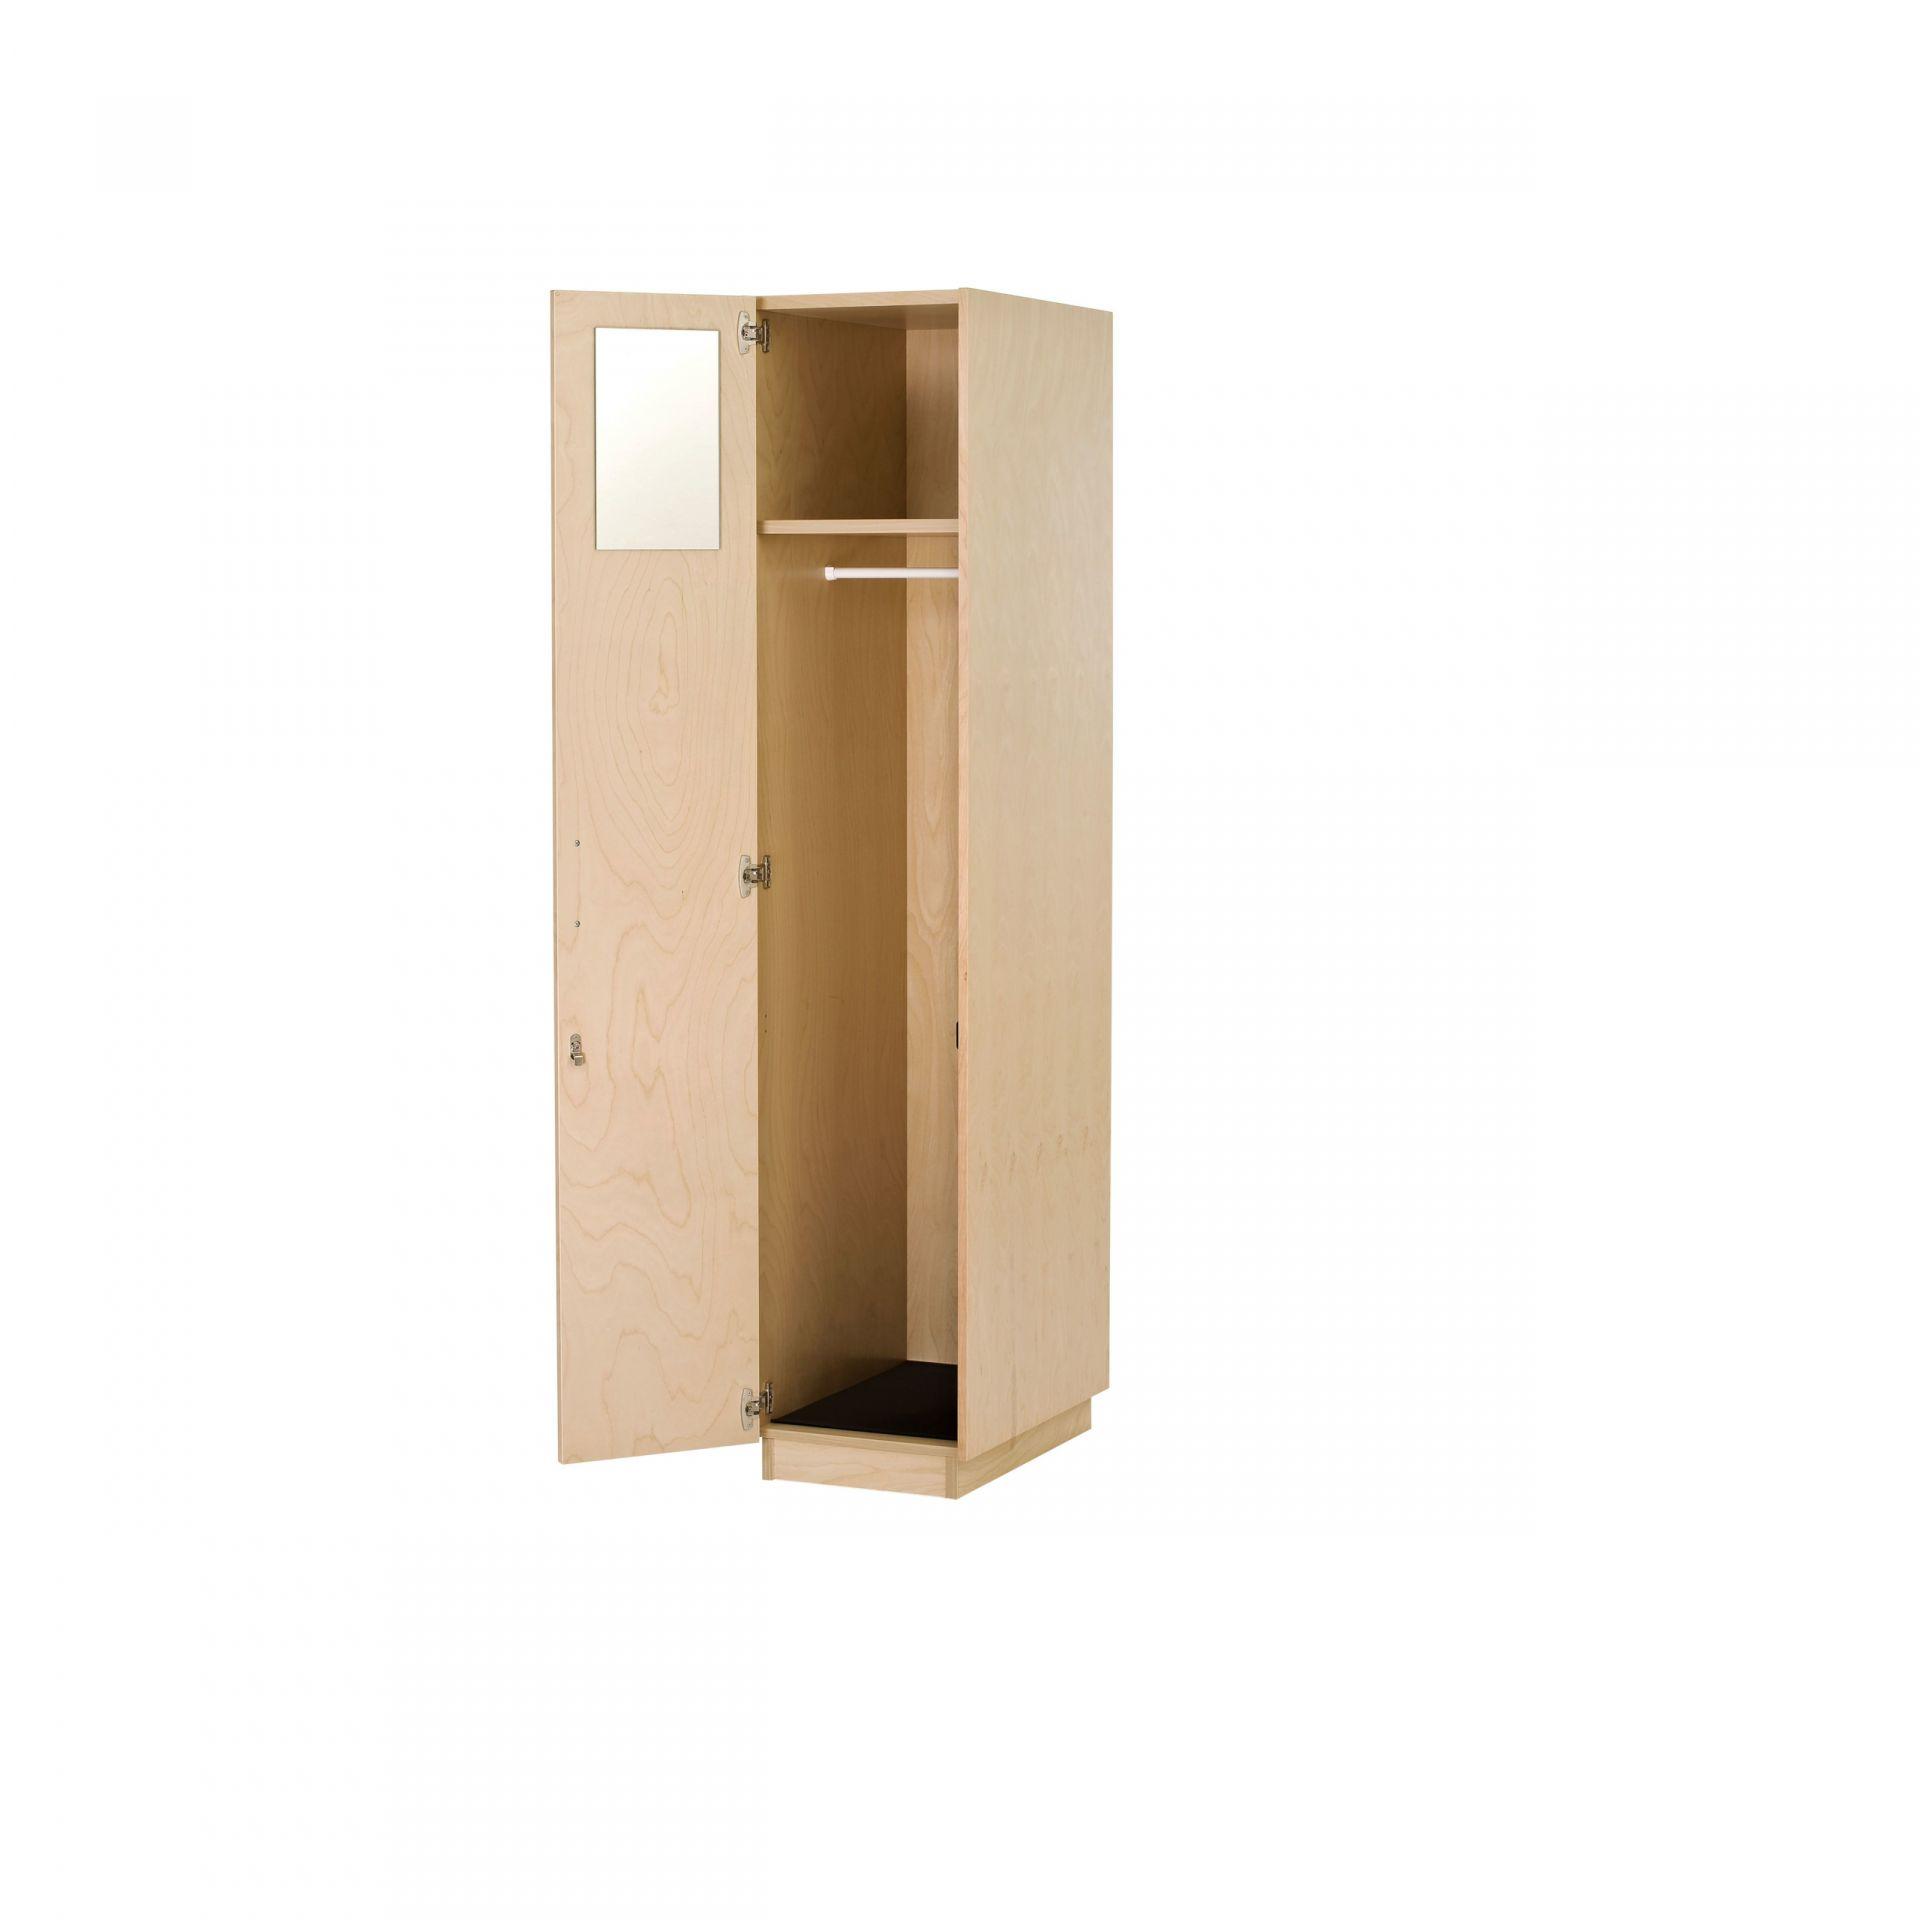 Storage Förvaring med hyllor, dörrar och lådor produktbild 3